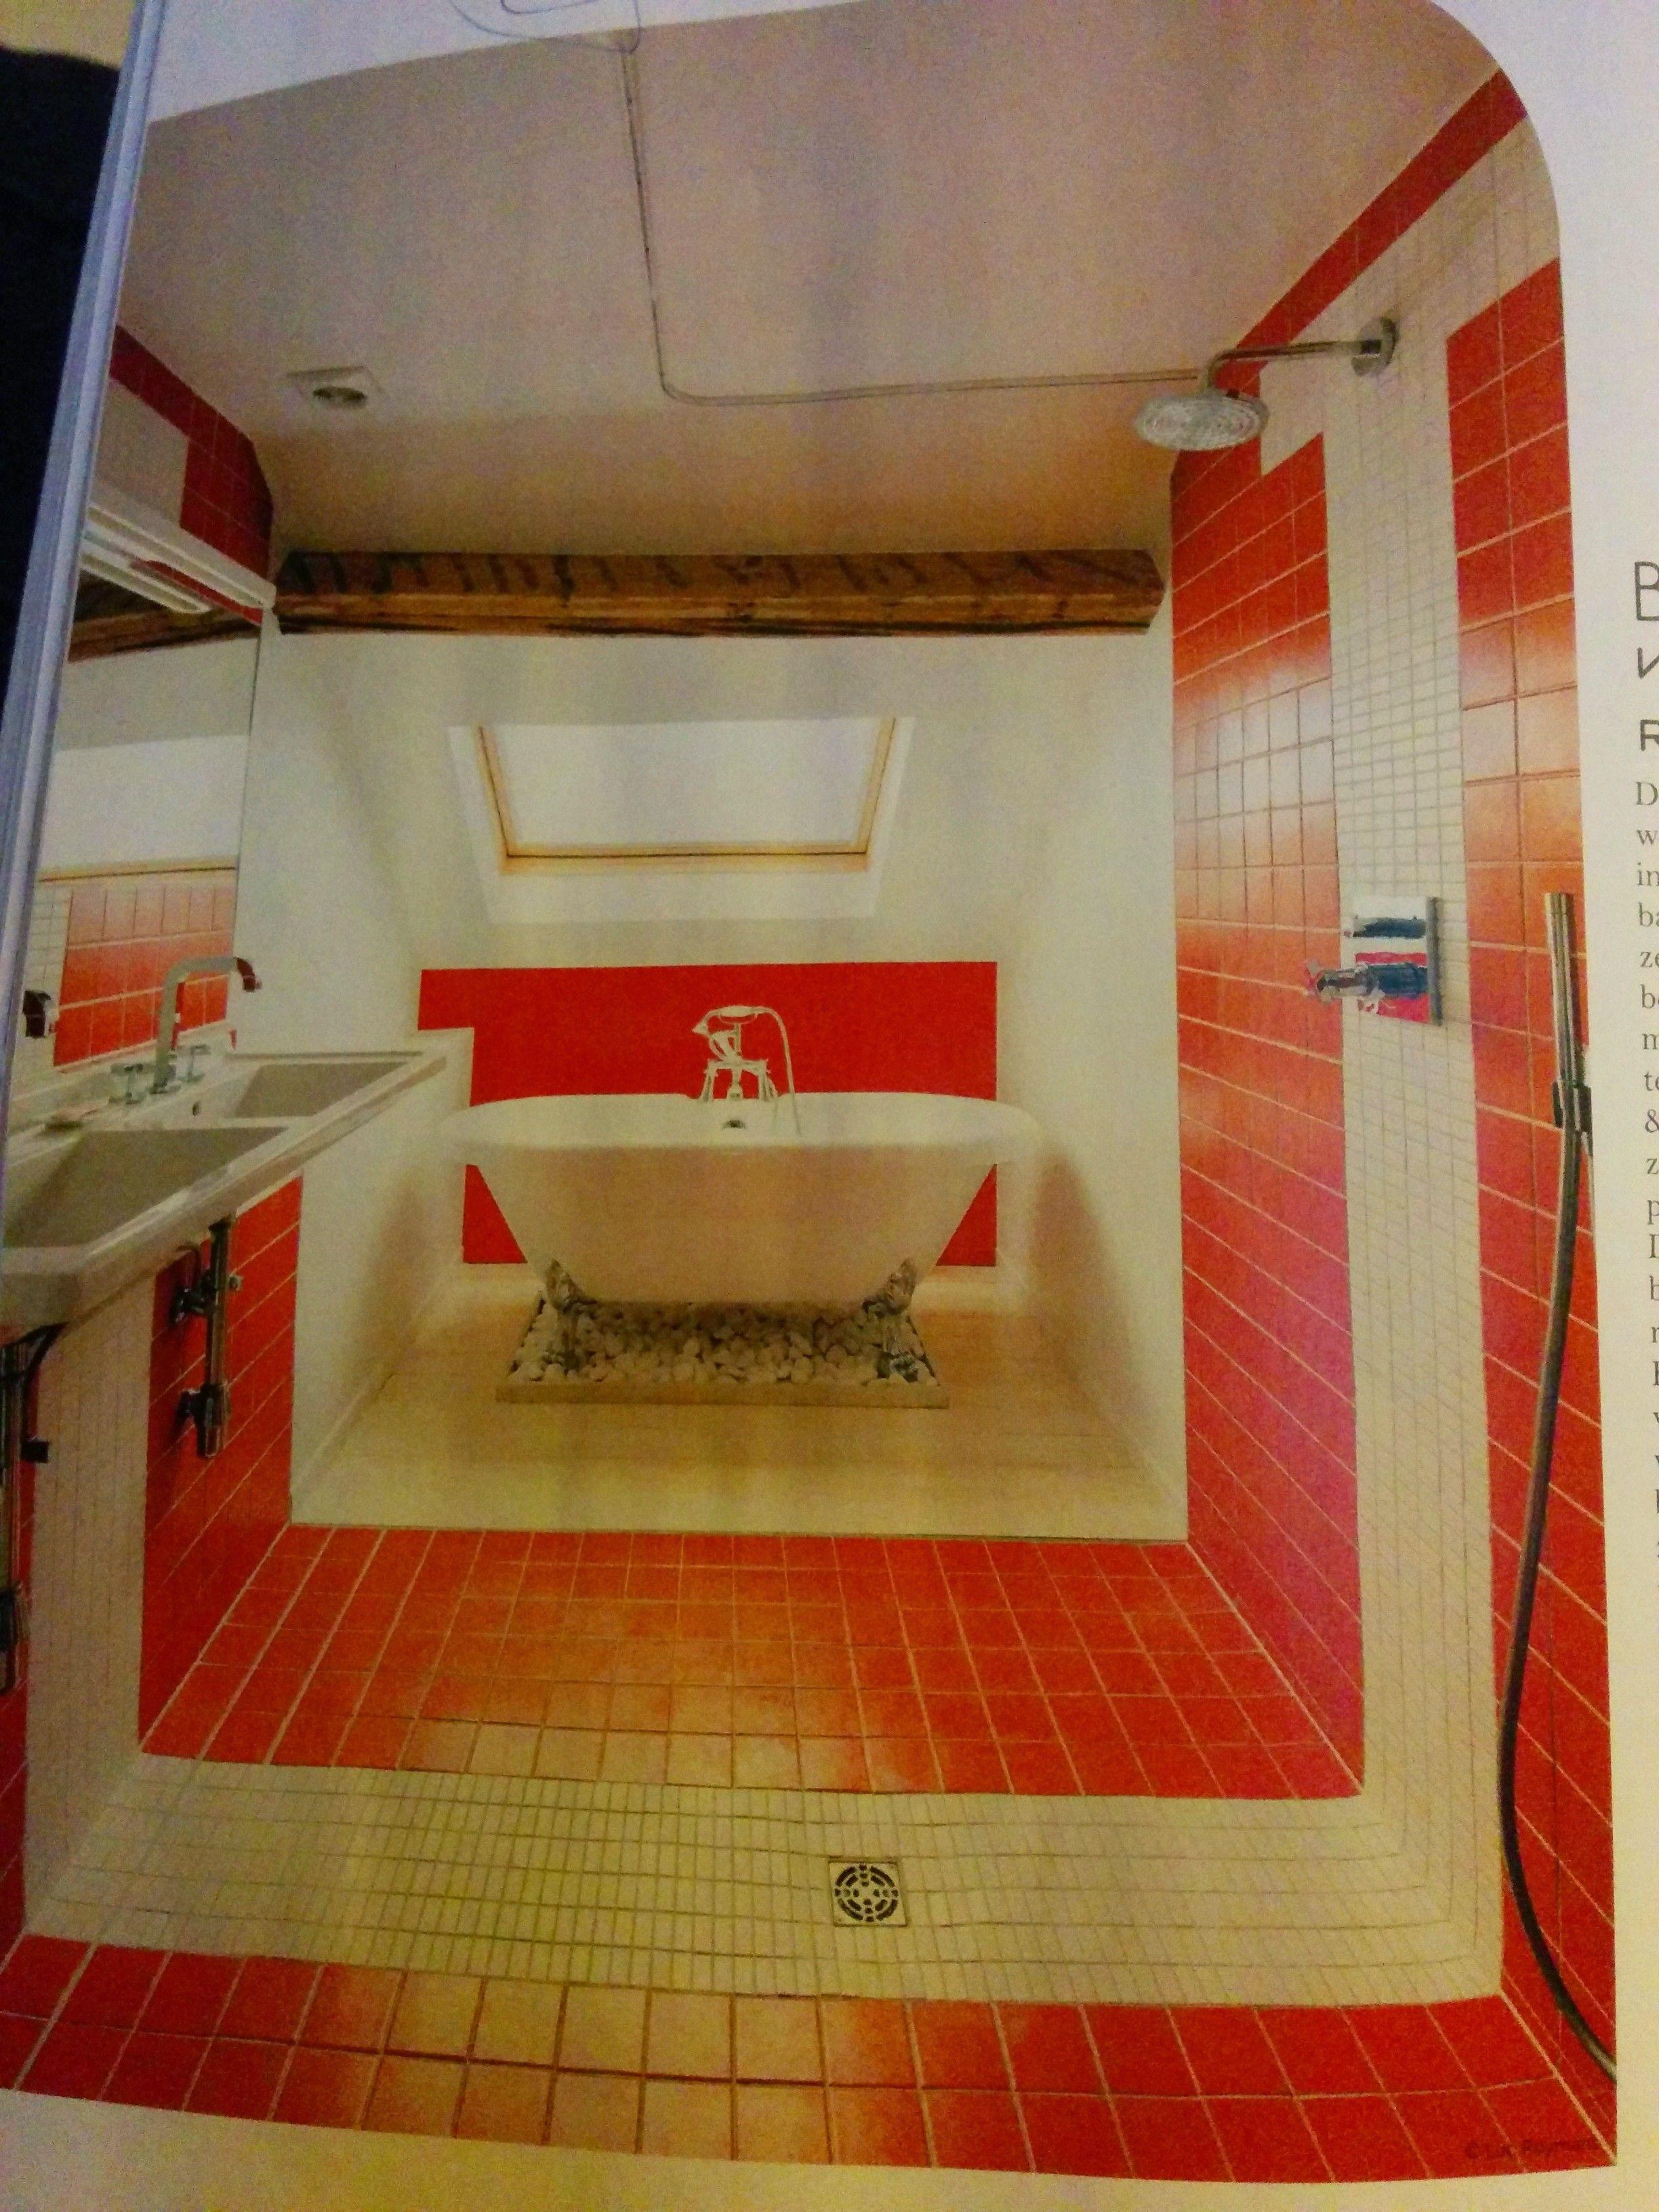 volledig betegelde badkamer met een douche open in de ruimte